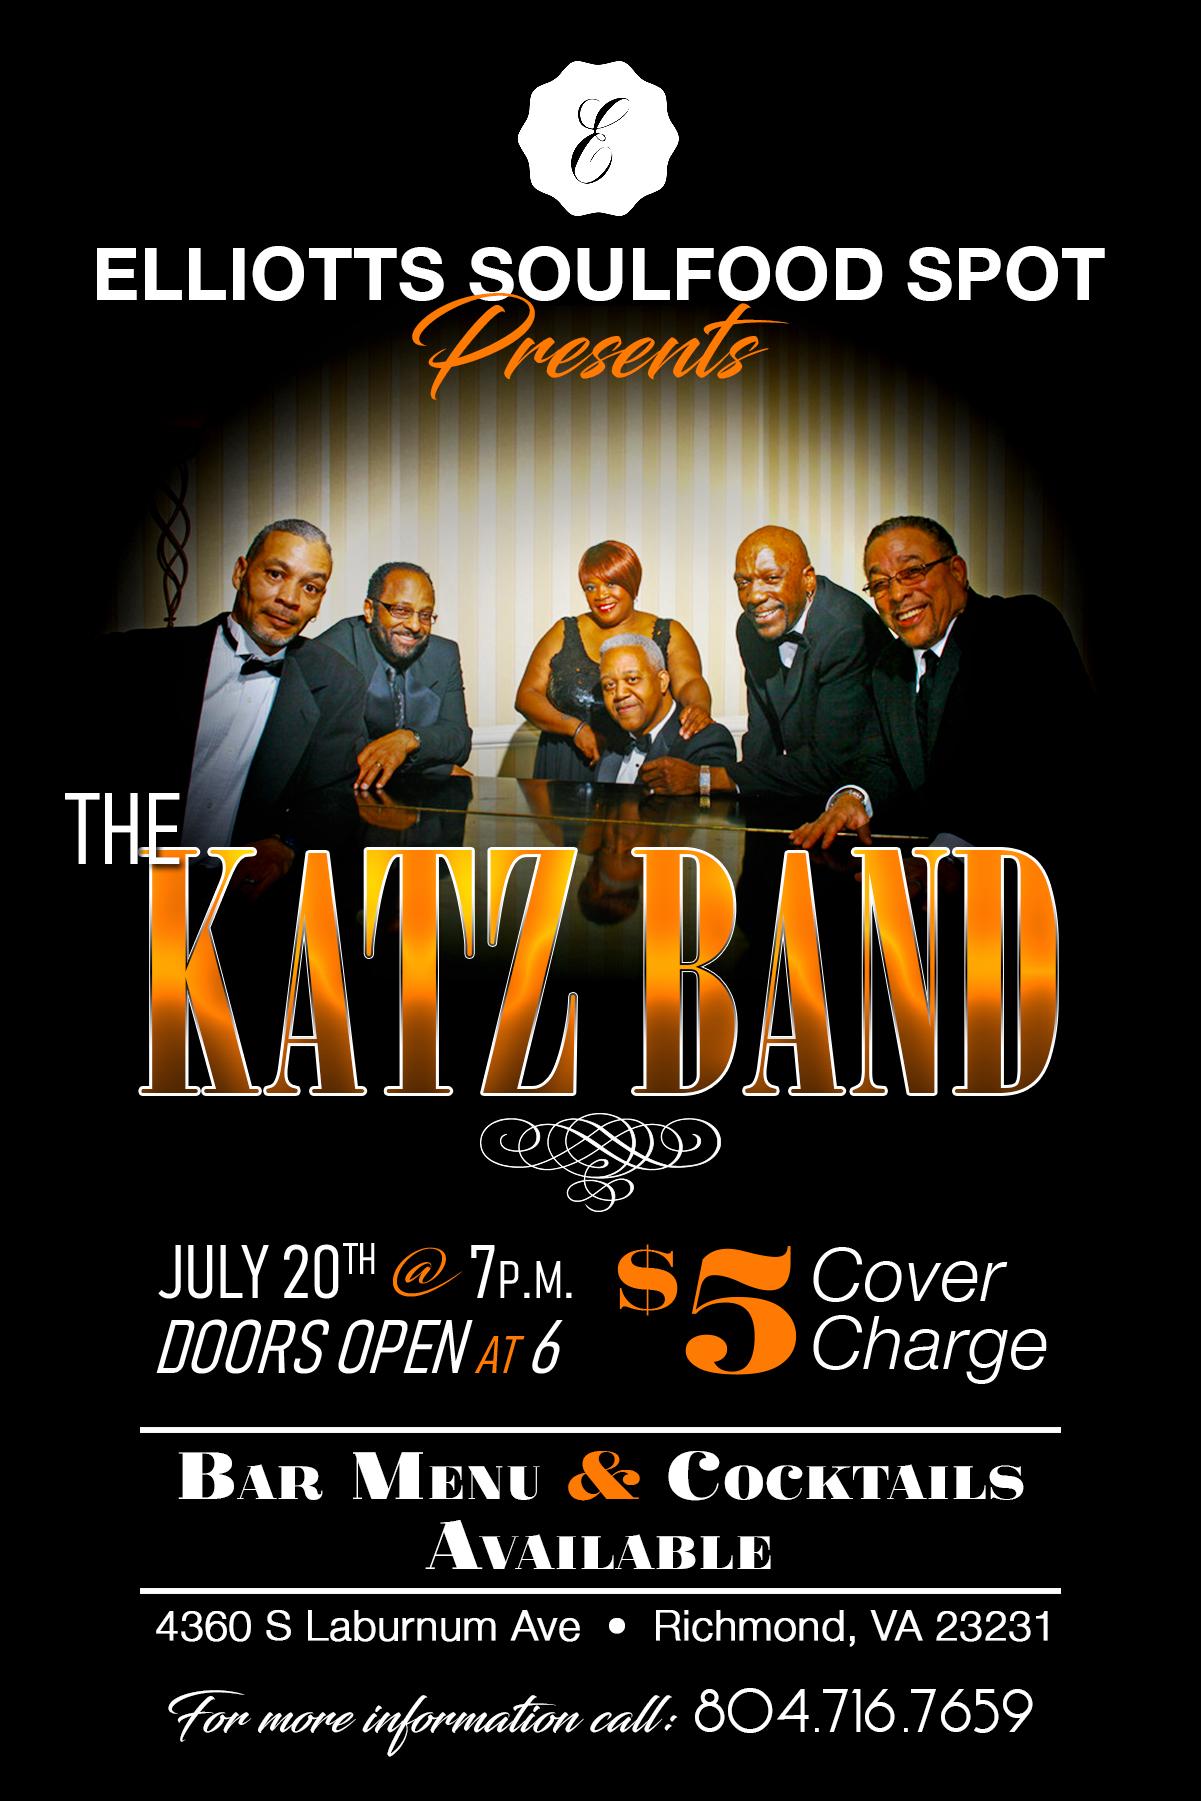 Katz Band Flyer